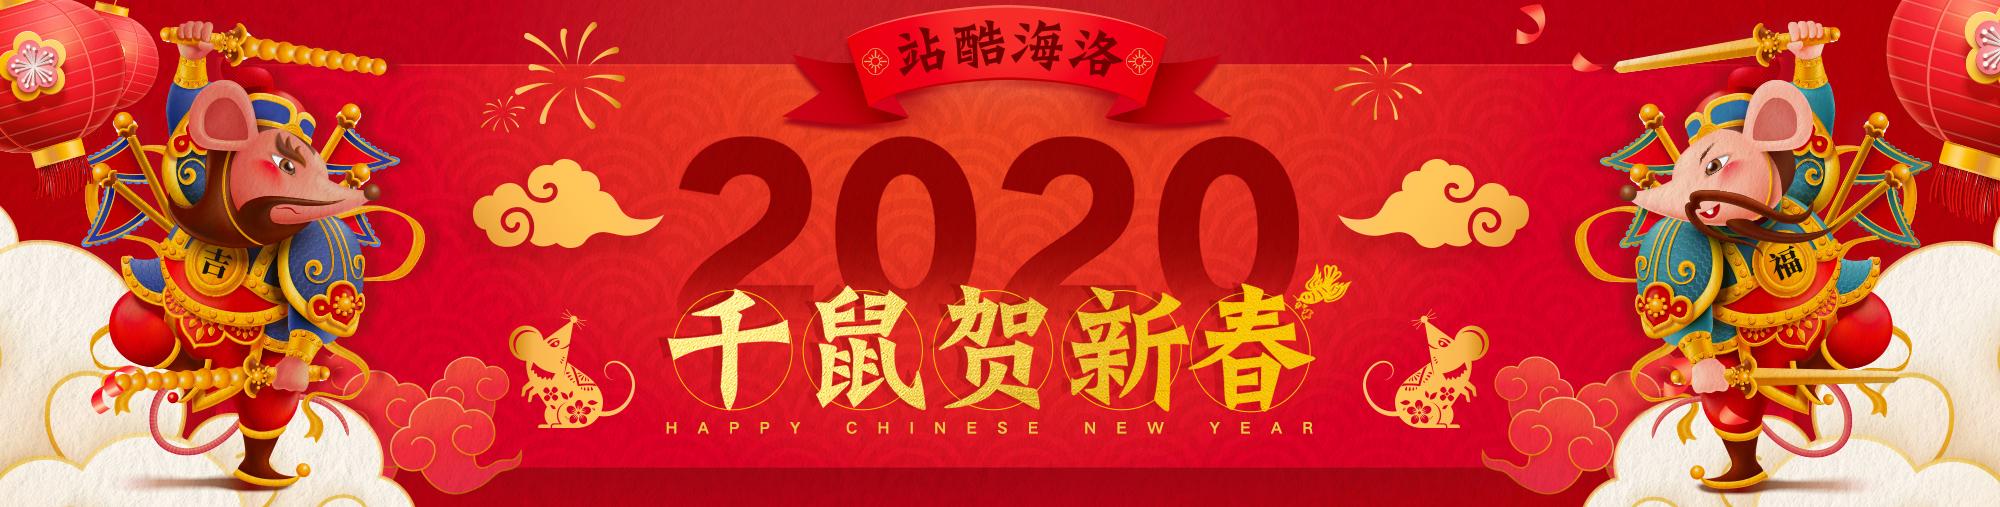 2000-507-千鼠年-.jpg